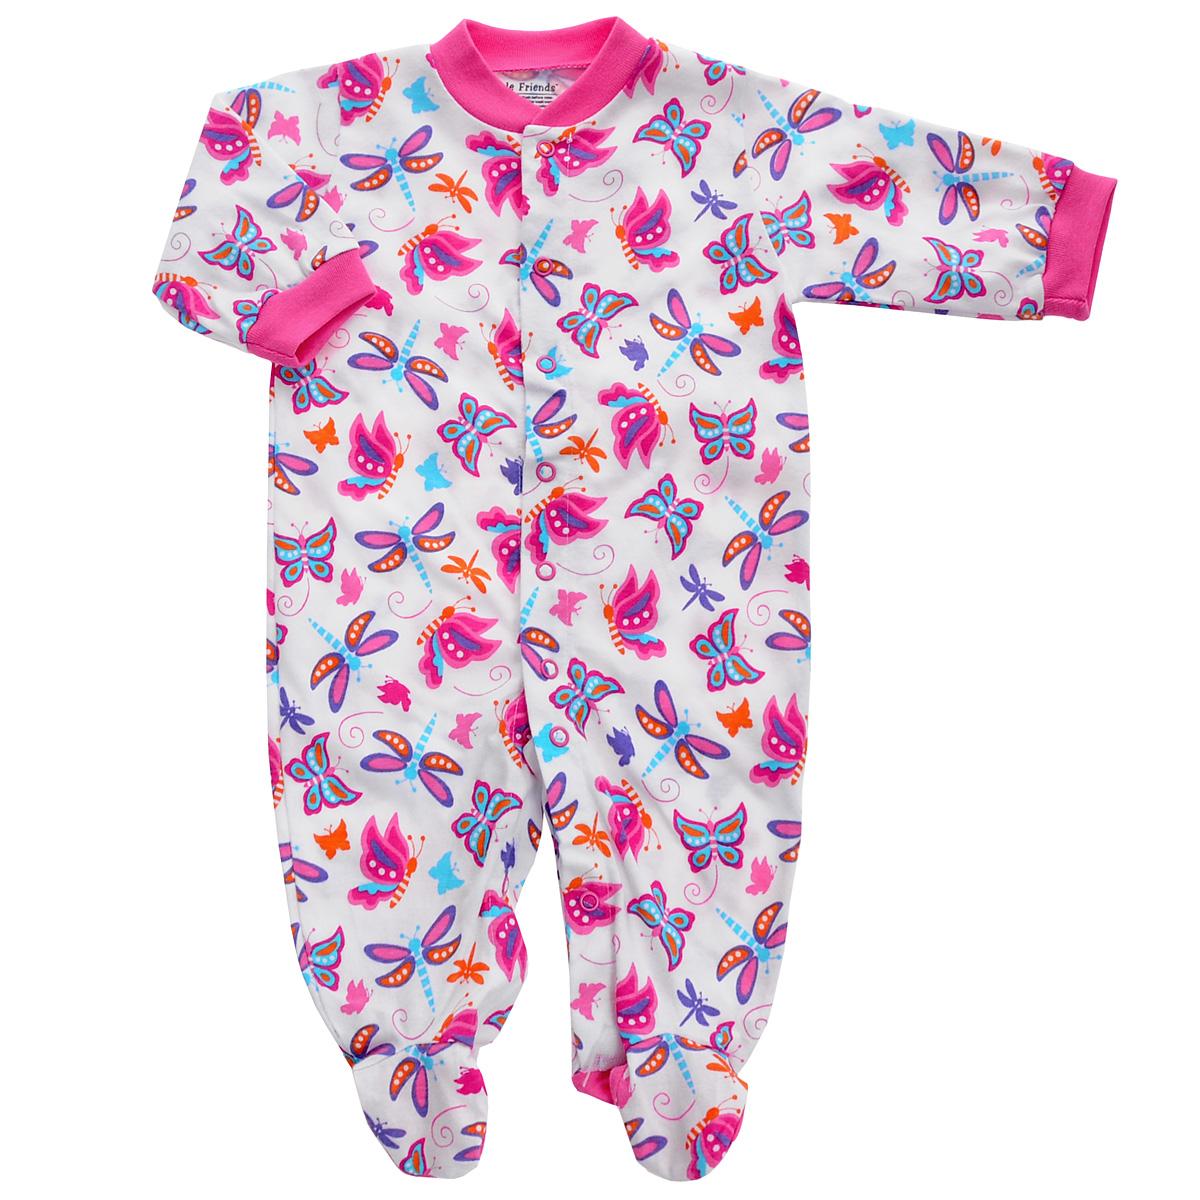 Комбинезон домашний83100_стрекозаДетский комбинезон Luvable Friends - очень удобный и практичный вид одежды для малышей. Комбинезон выполнен из натурального хлопка, благодаря чему он необычайно мягкий и приятный на ощупь, не раздражают нежную кожу ребенка и хорошо вентилируются, а эластичные швы приятны телу малыша и не препятствуют его движениям. Комбинезон с длинными рукавами и закрытыми ножками имеет застежки-кнопки от горловины до щиколоток, которые помогают легко переодеть младенца или сменить подгузник. Рукава понизу дополнены неширокими трикотажными манжетами, мягко облегающими запястья. С детским комбинезоном спинка и ножки вашего малыша всегда будут в тепле, он идеален для использования днем и незаменим ночью. Комбинезон полностью соответствует особенностям жизни младенца в ранний период, не стесняя и не ограничивая его в движениях!